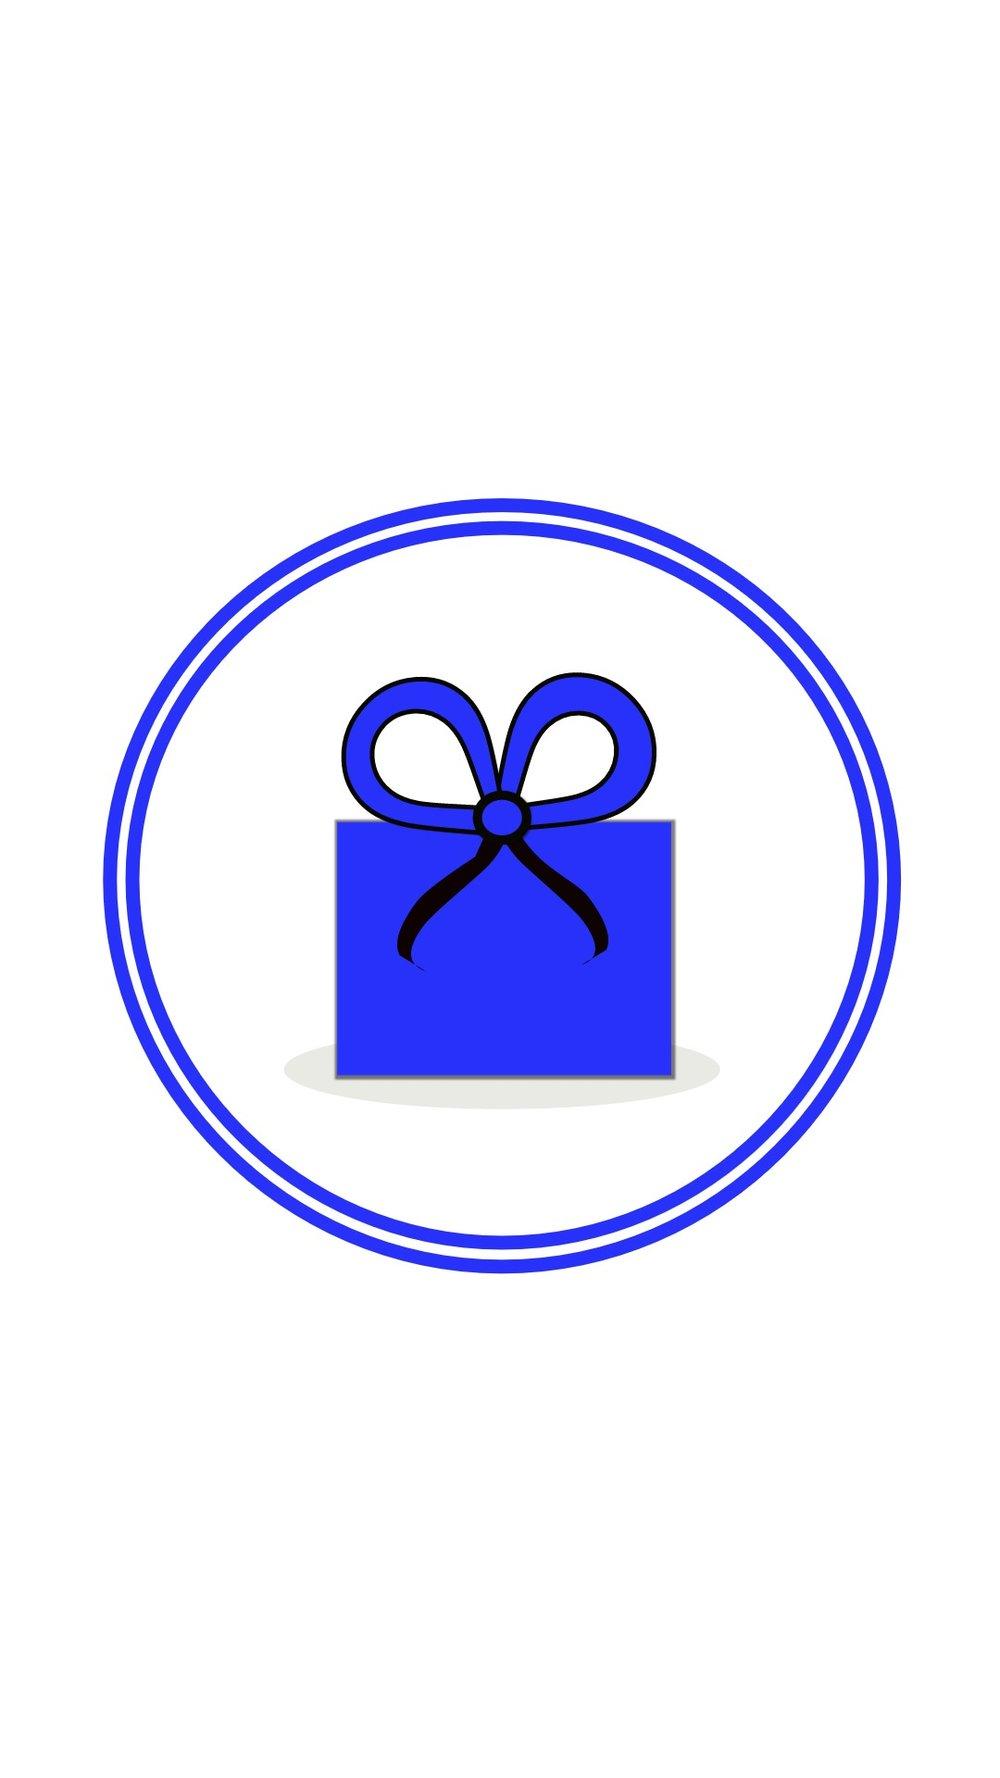 Instagram-cover-box-bluewhite-lotnotes.com.jpg